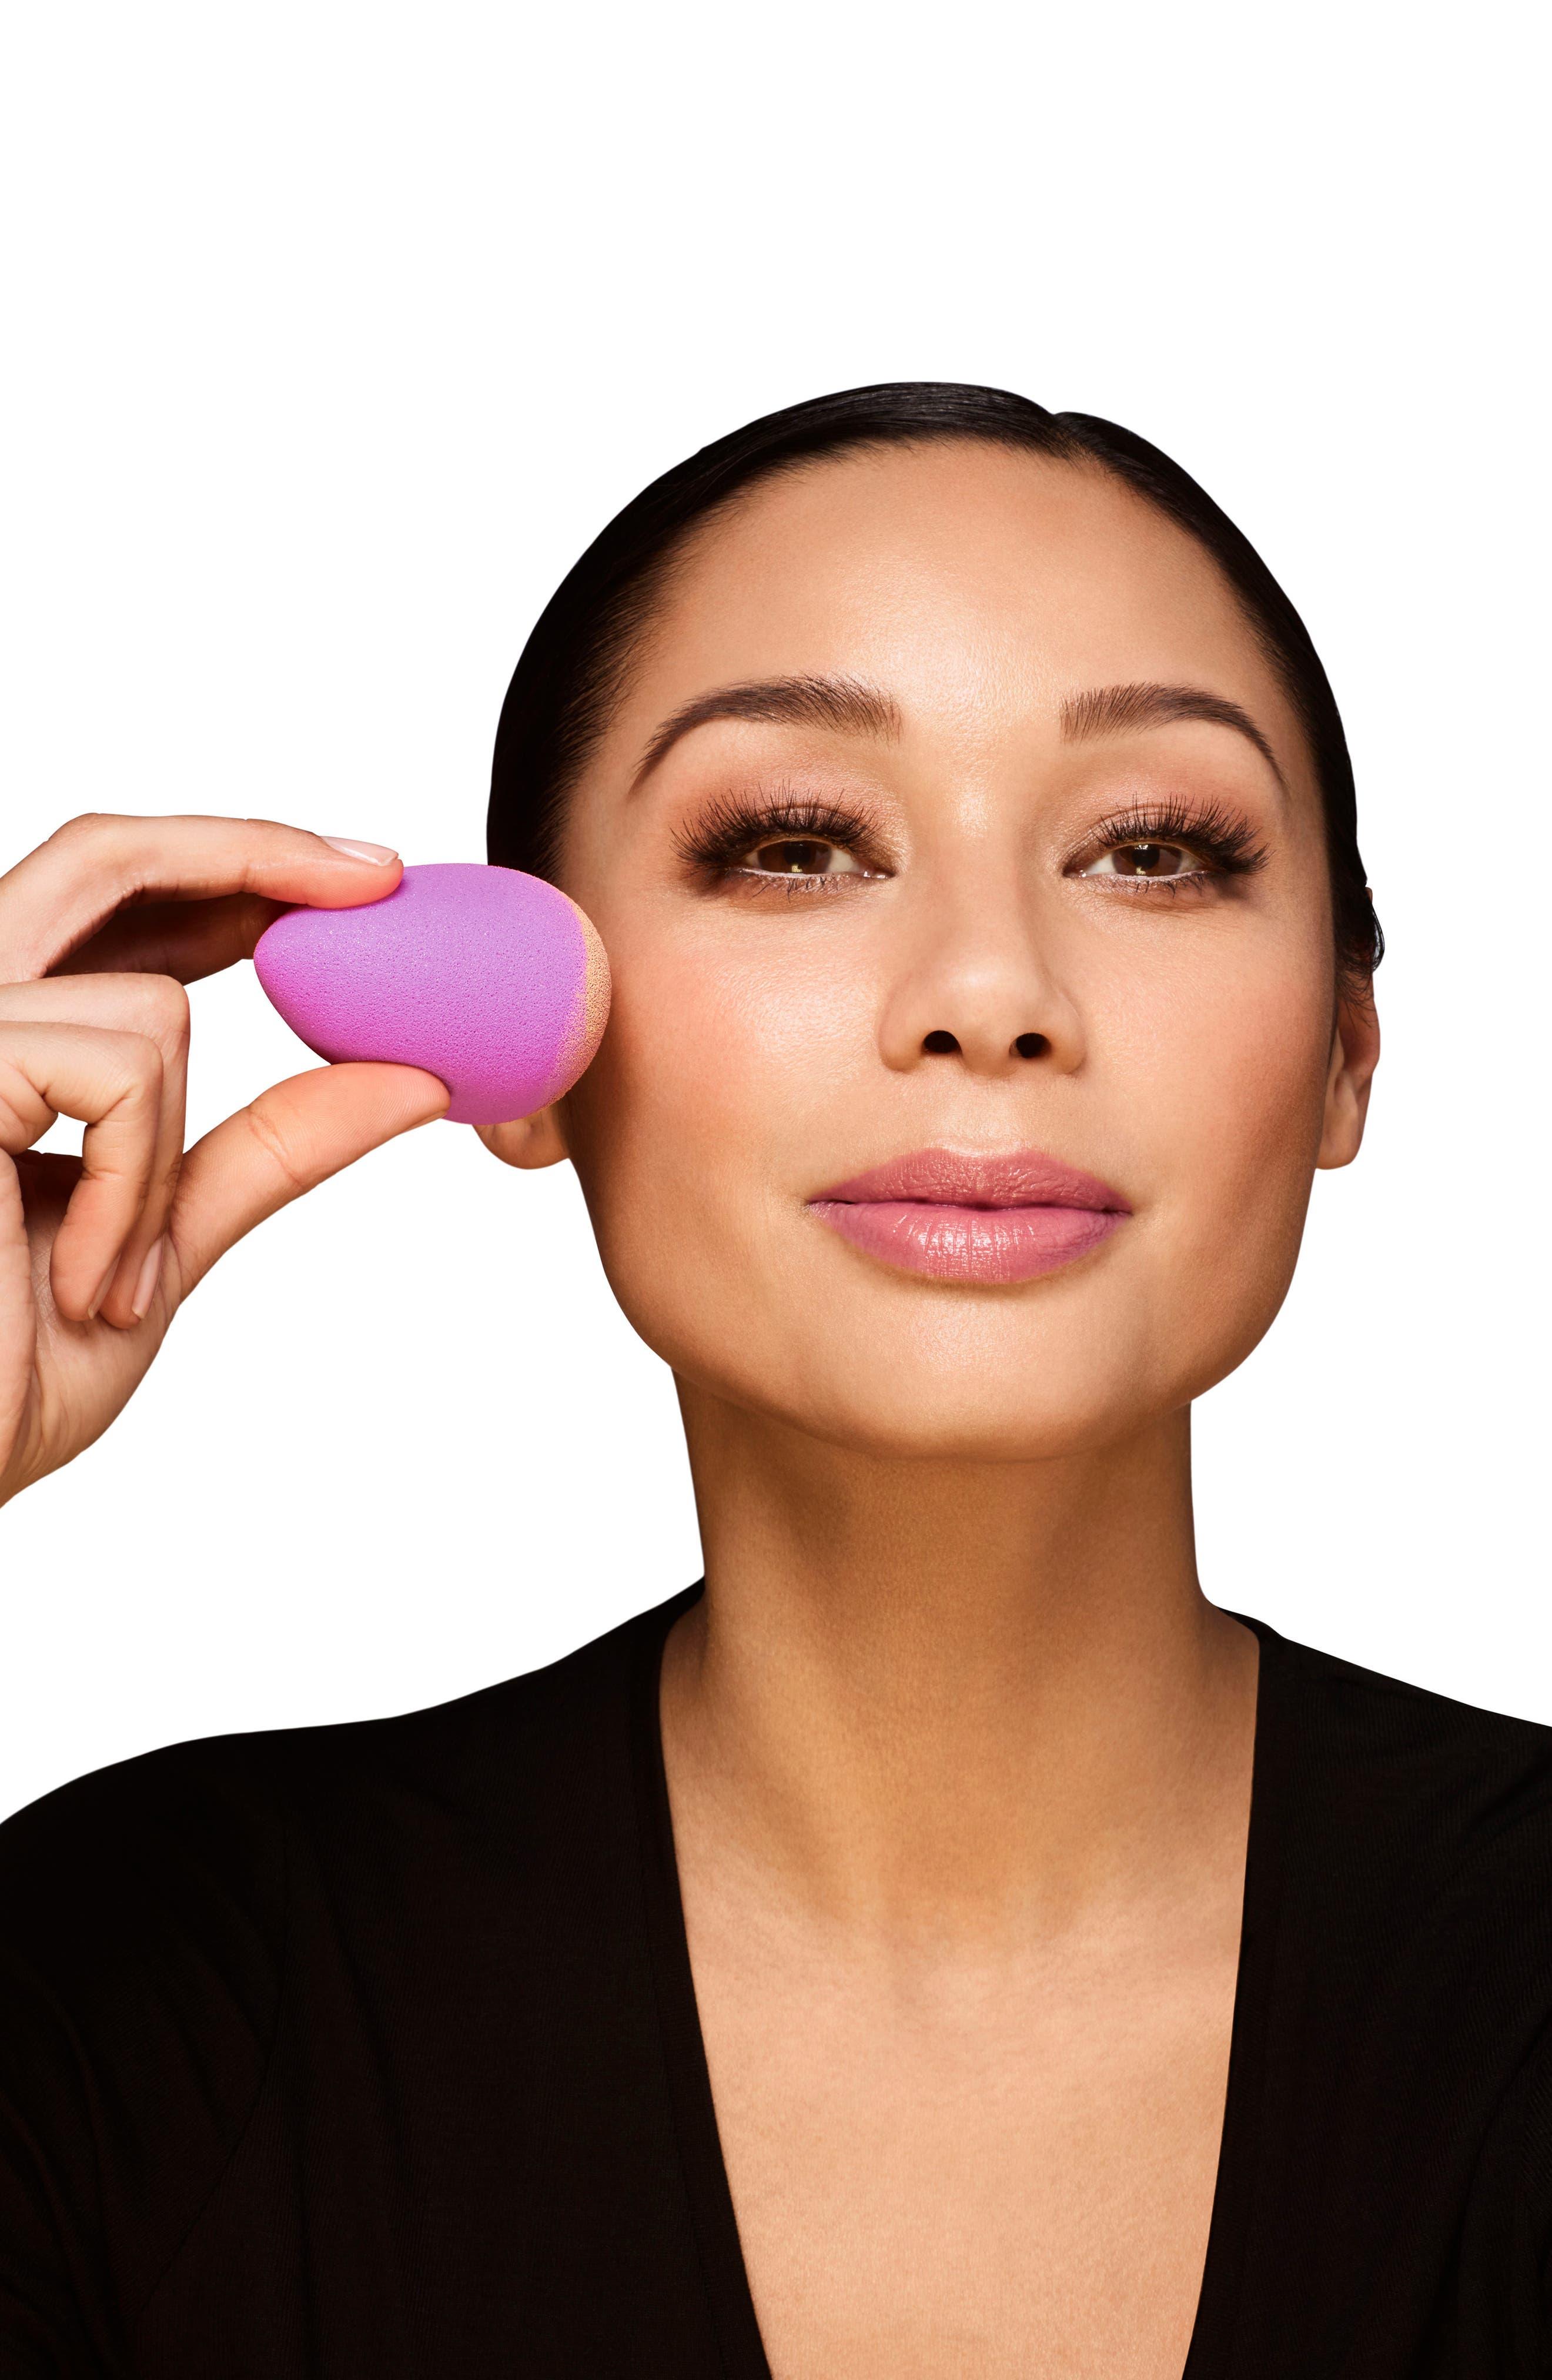 Alternate Image 3  - beautyblender® 'Royal' Original Makeup Sponge Applicator (Limited Edition)